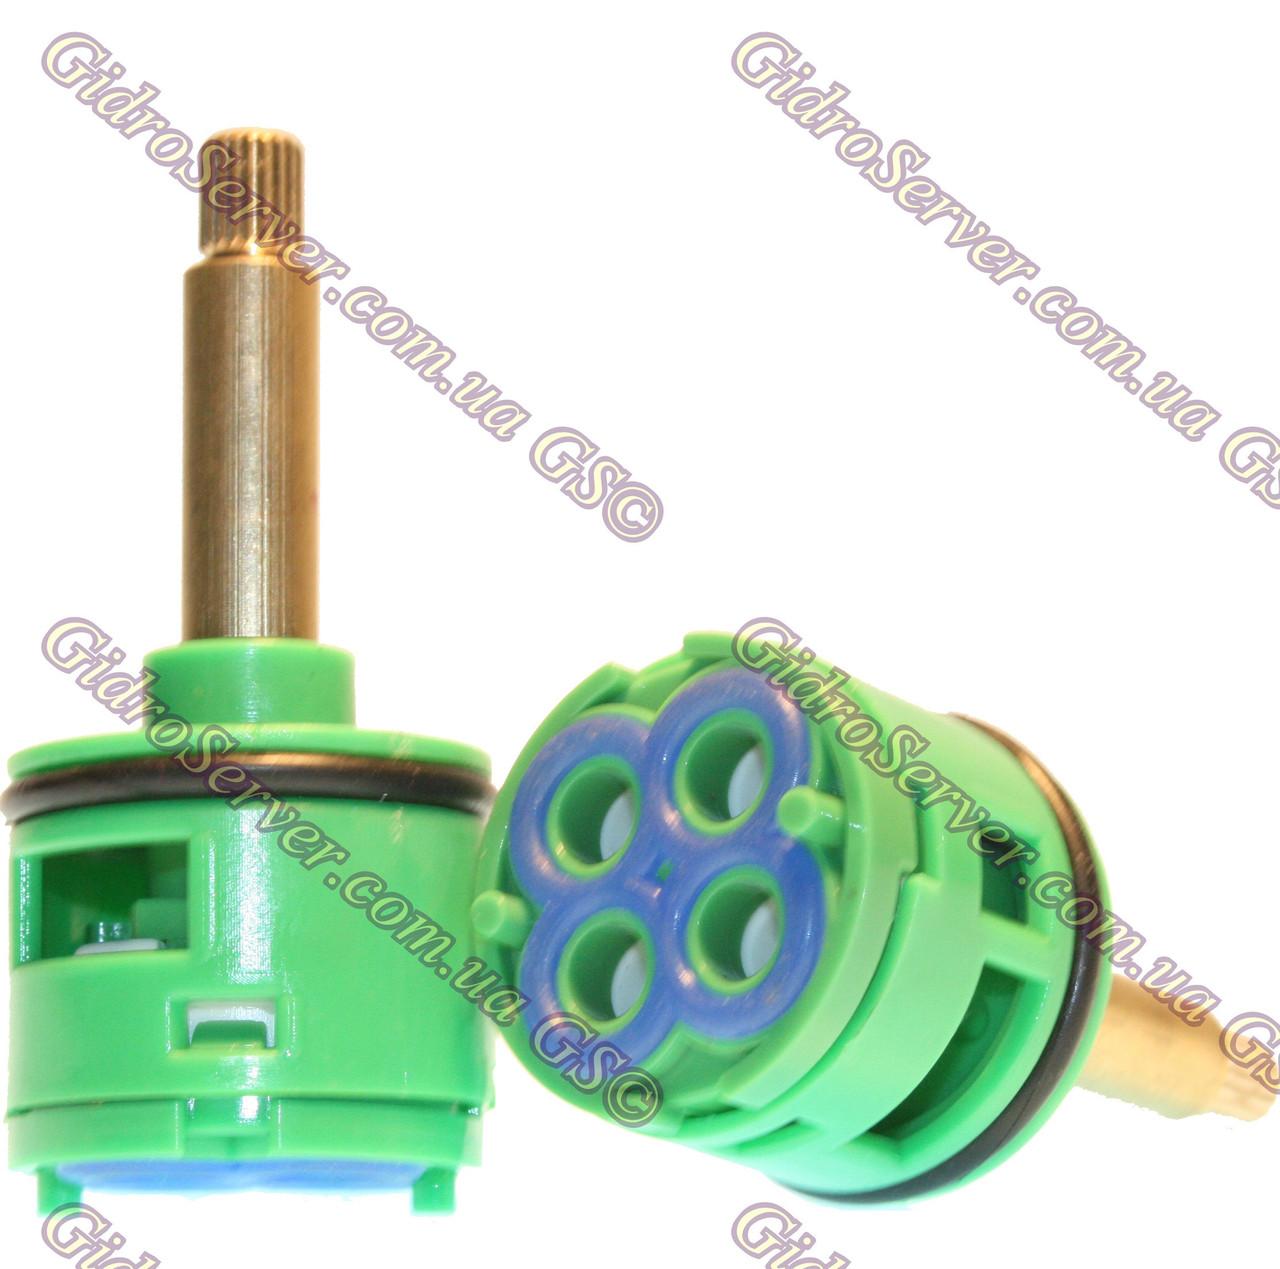 Картридж K 35/4/37 дивертор для змішувача душової кабіни, гідромасажного боксу.